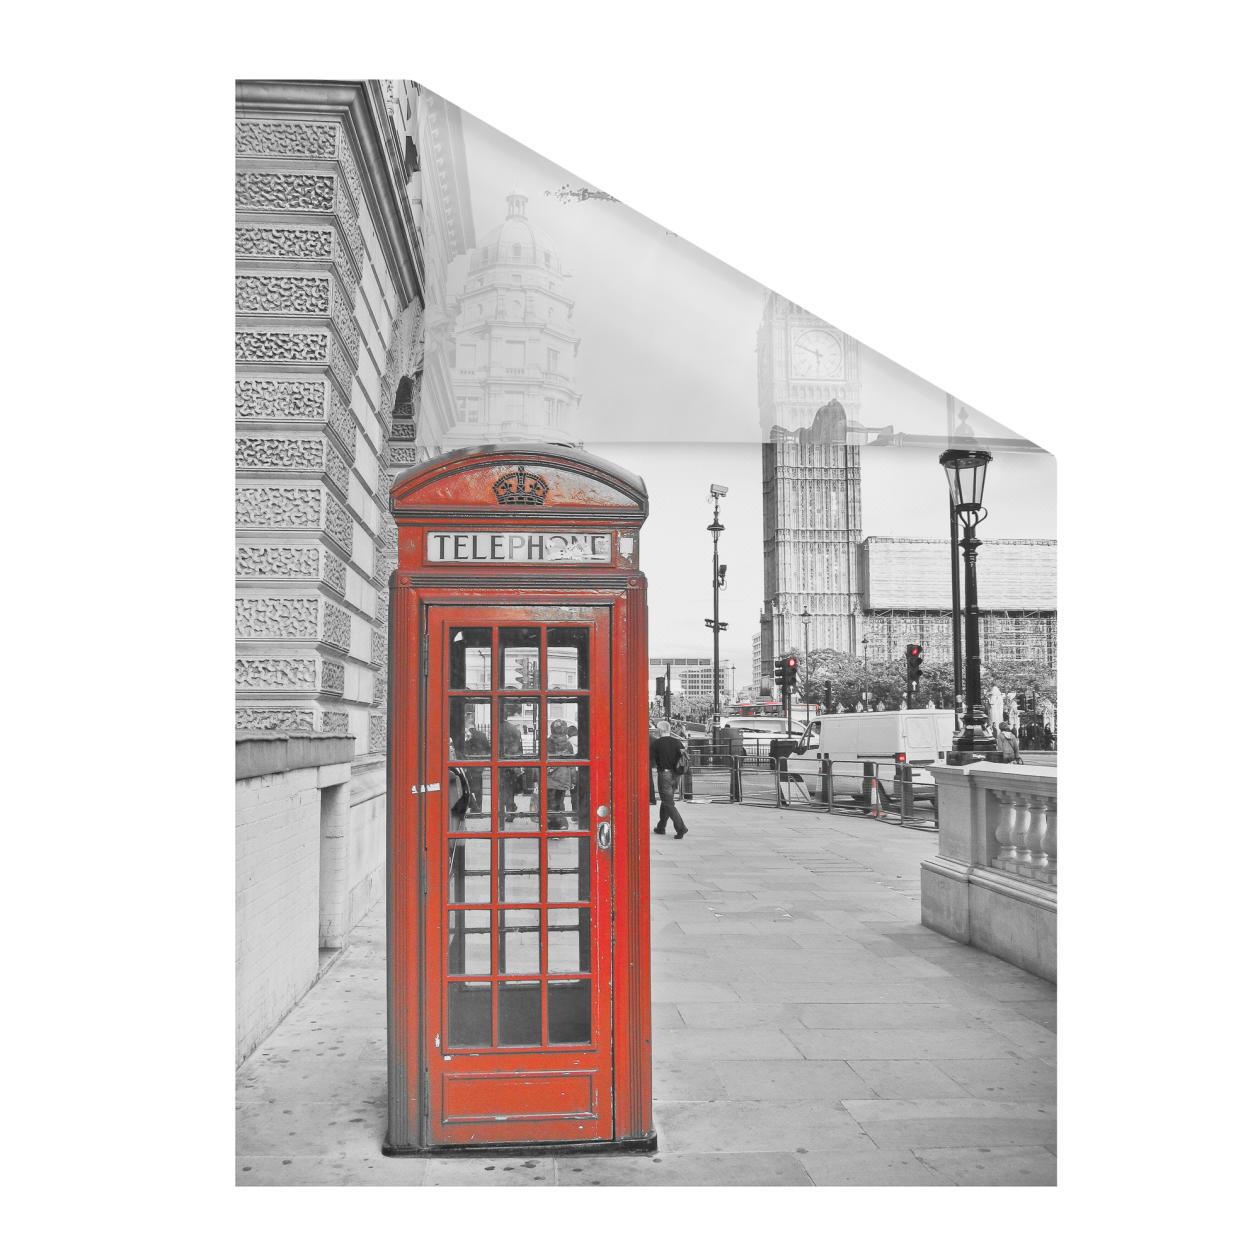 Fensterfolie selbstklebend sichtschutz london rot - Sichtschutz fenster erdgeschoss ...